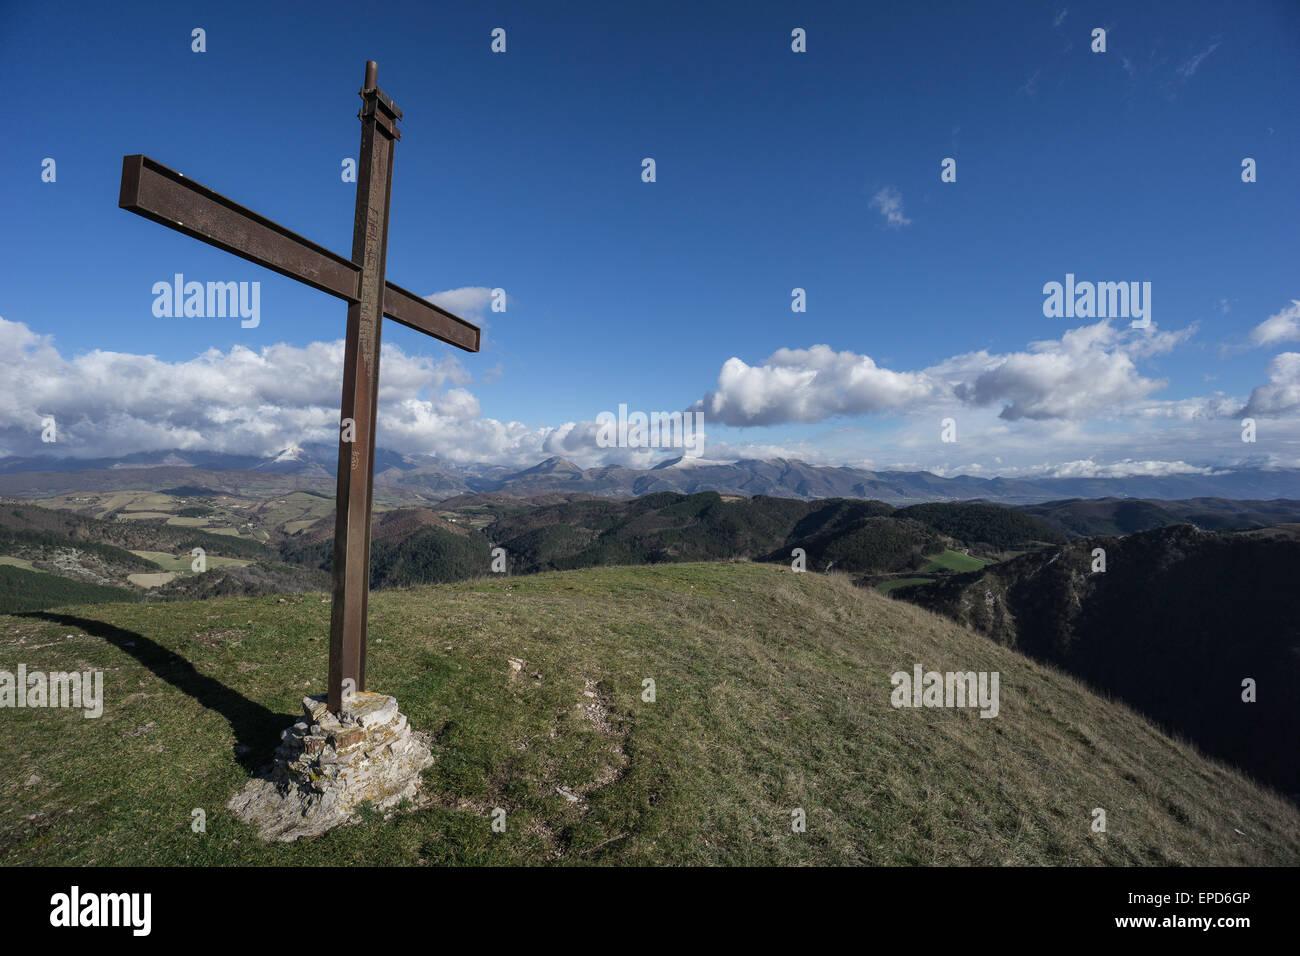 Sommet de la croix sur le mont Foce, Apennins, Ombrie, Italie Photo Stock